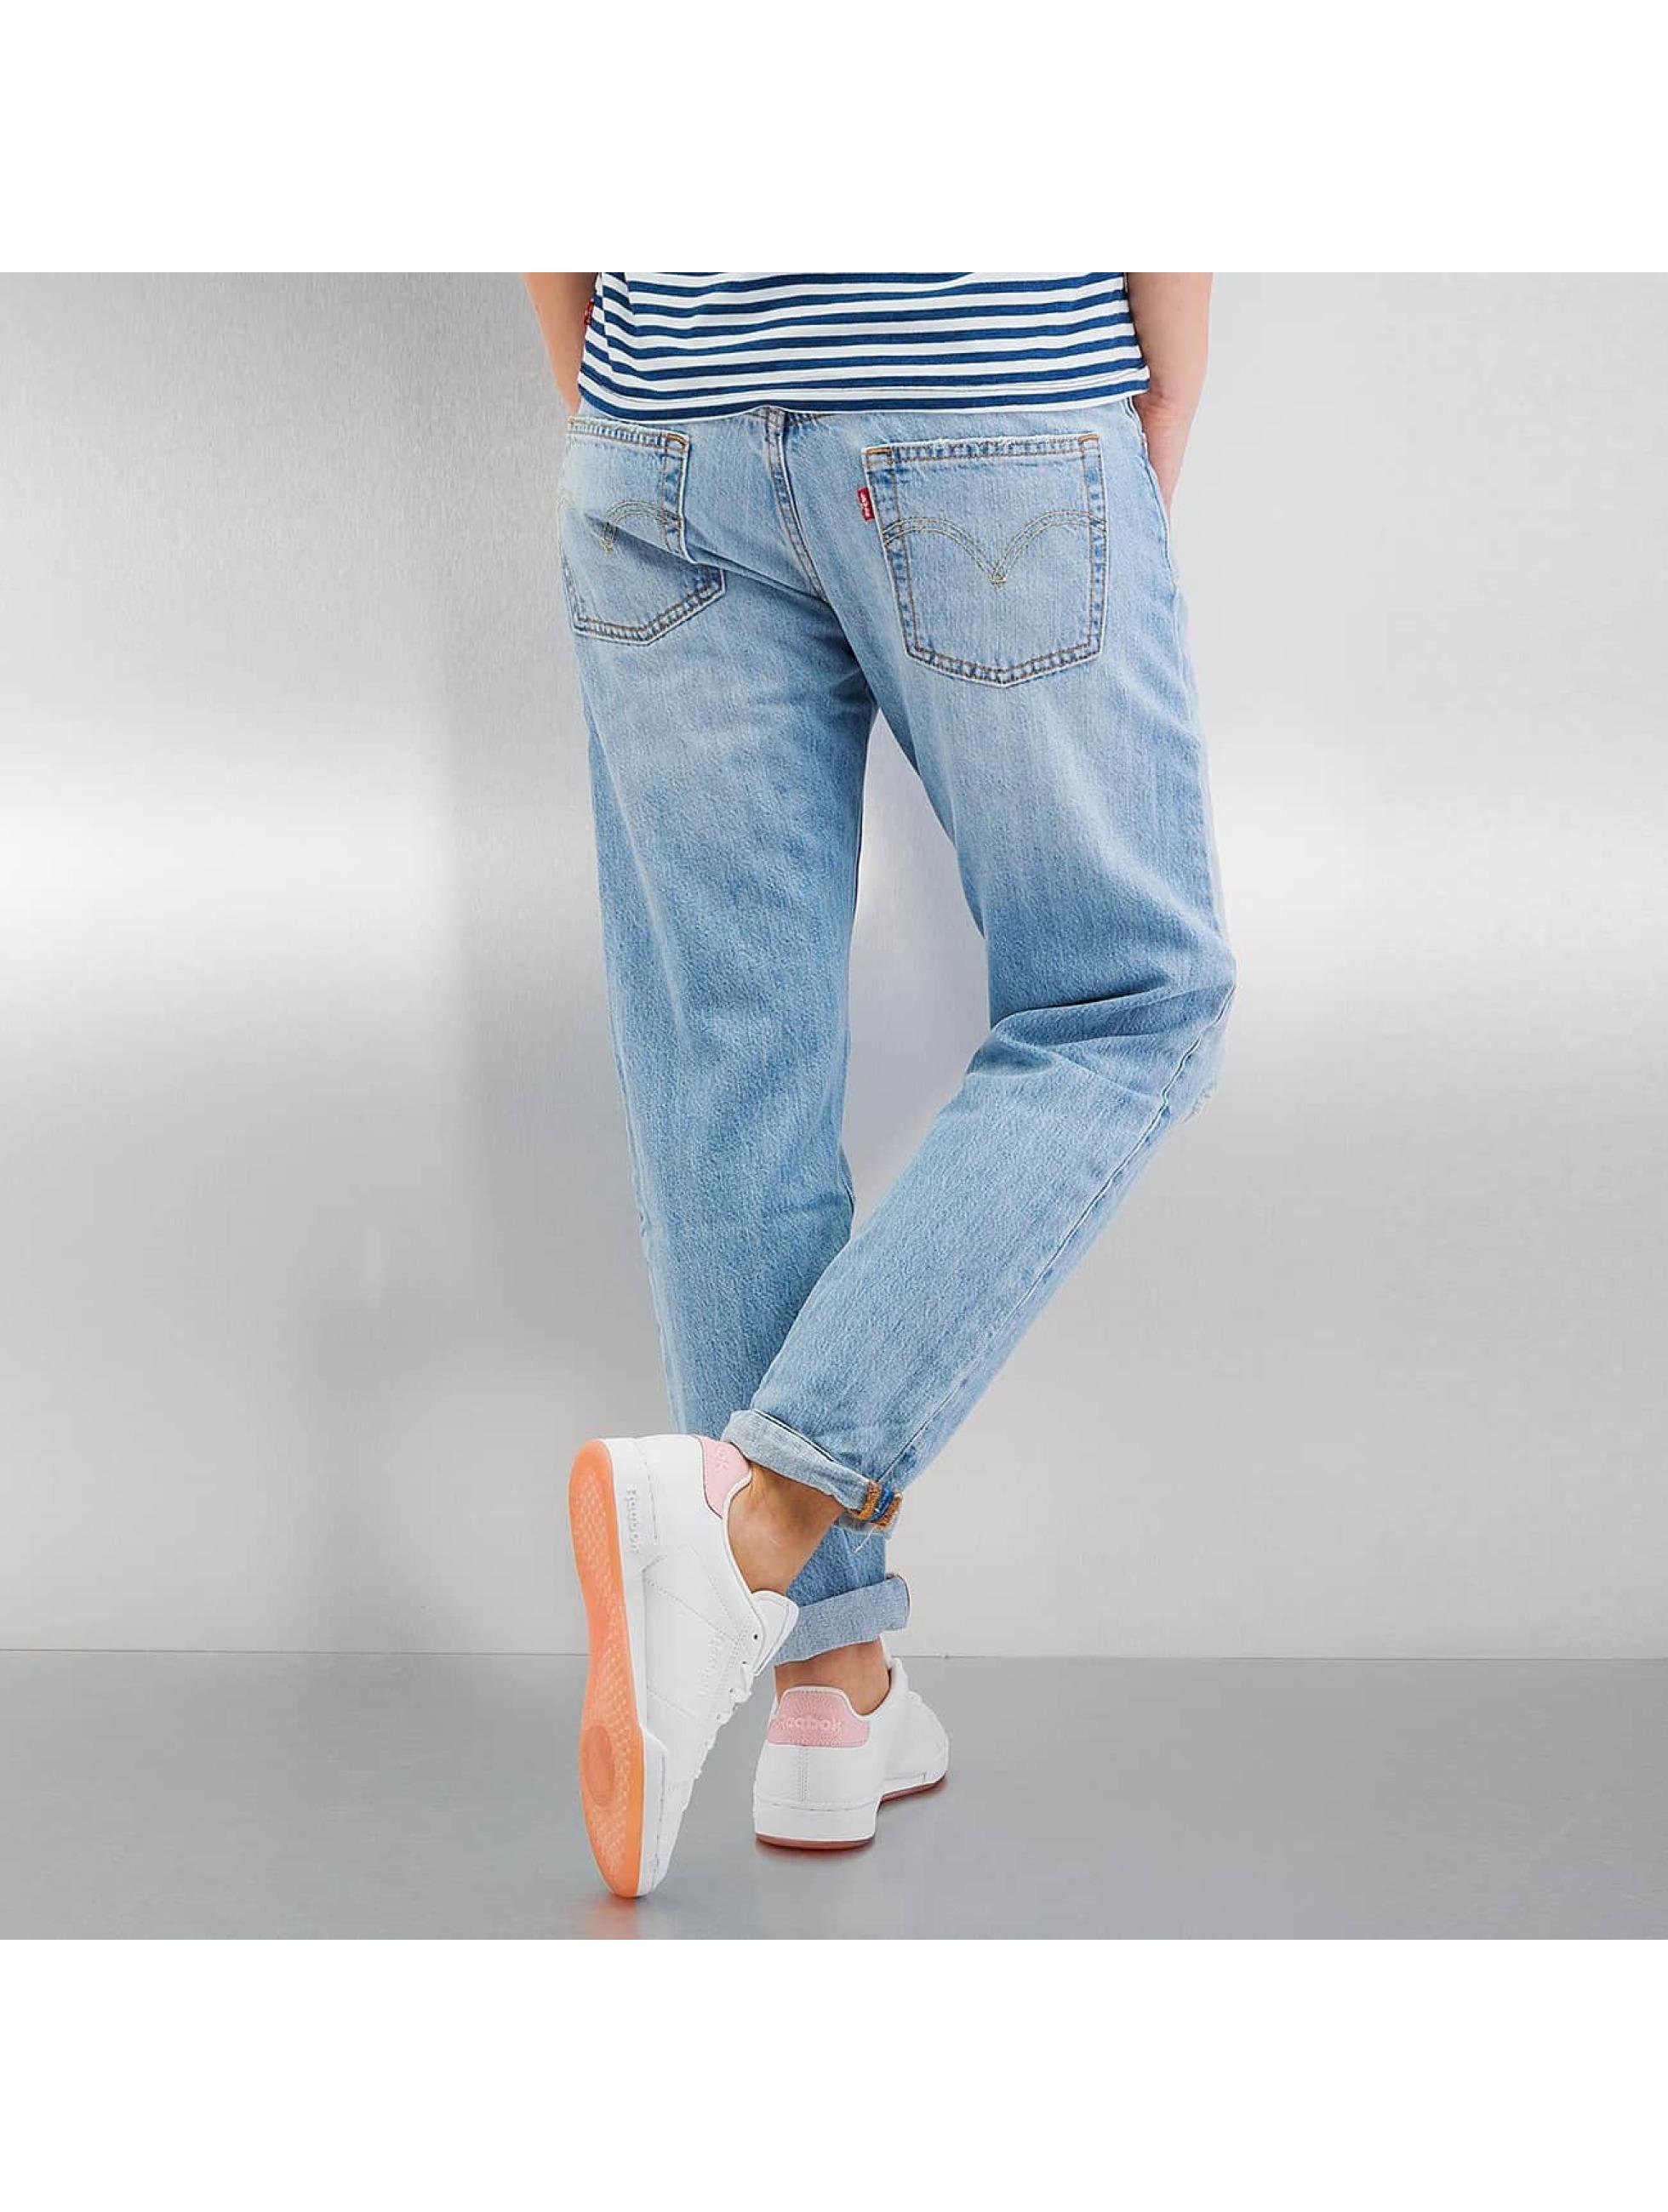 Levi's® Loose Fit Jeans Turbulent mavi